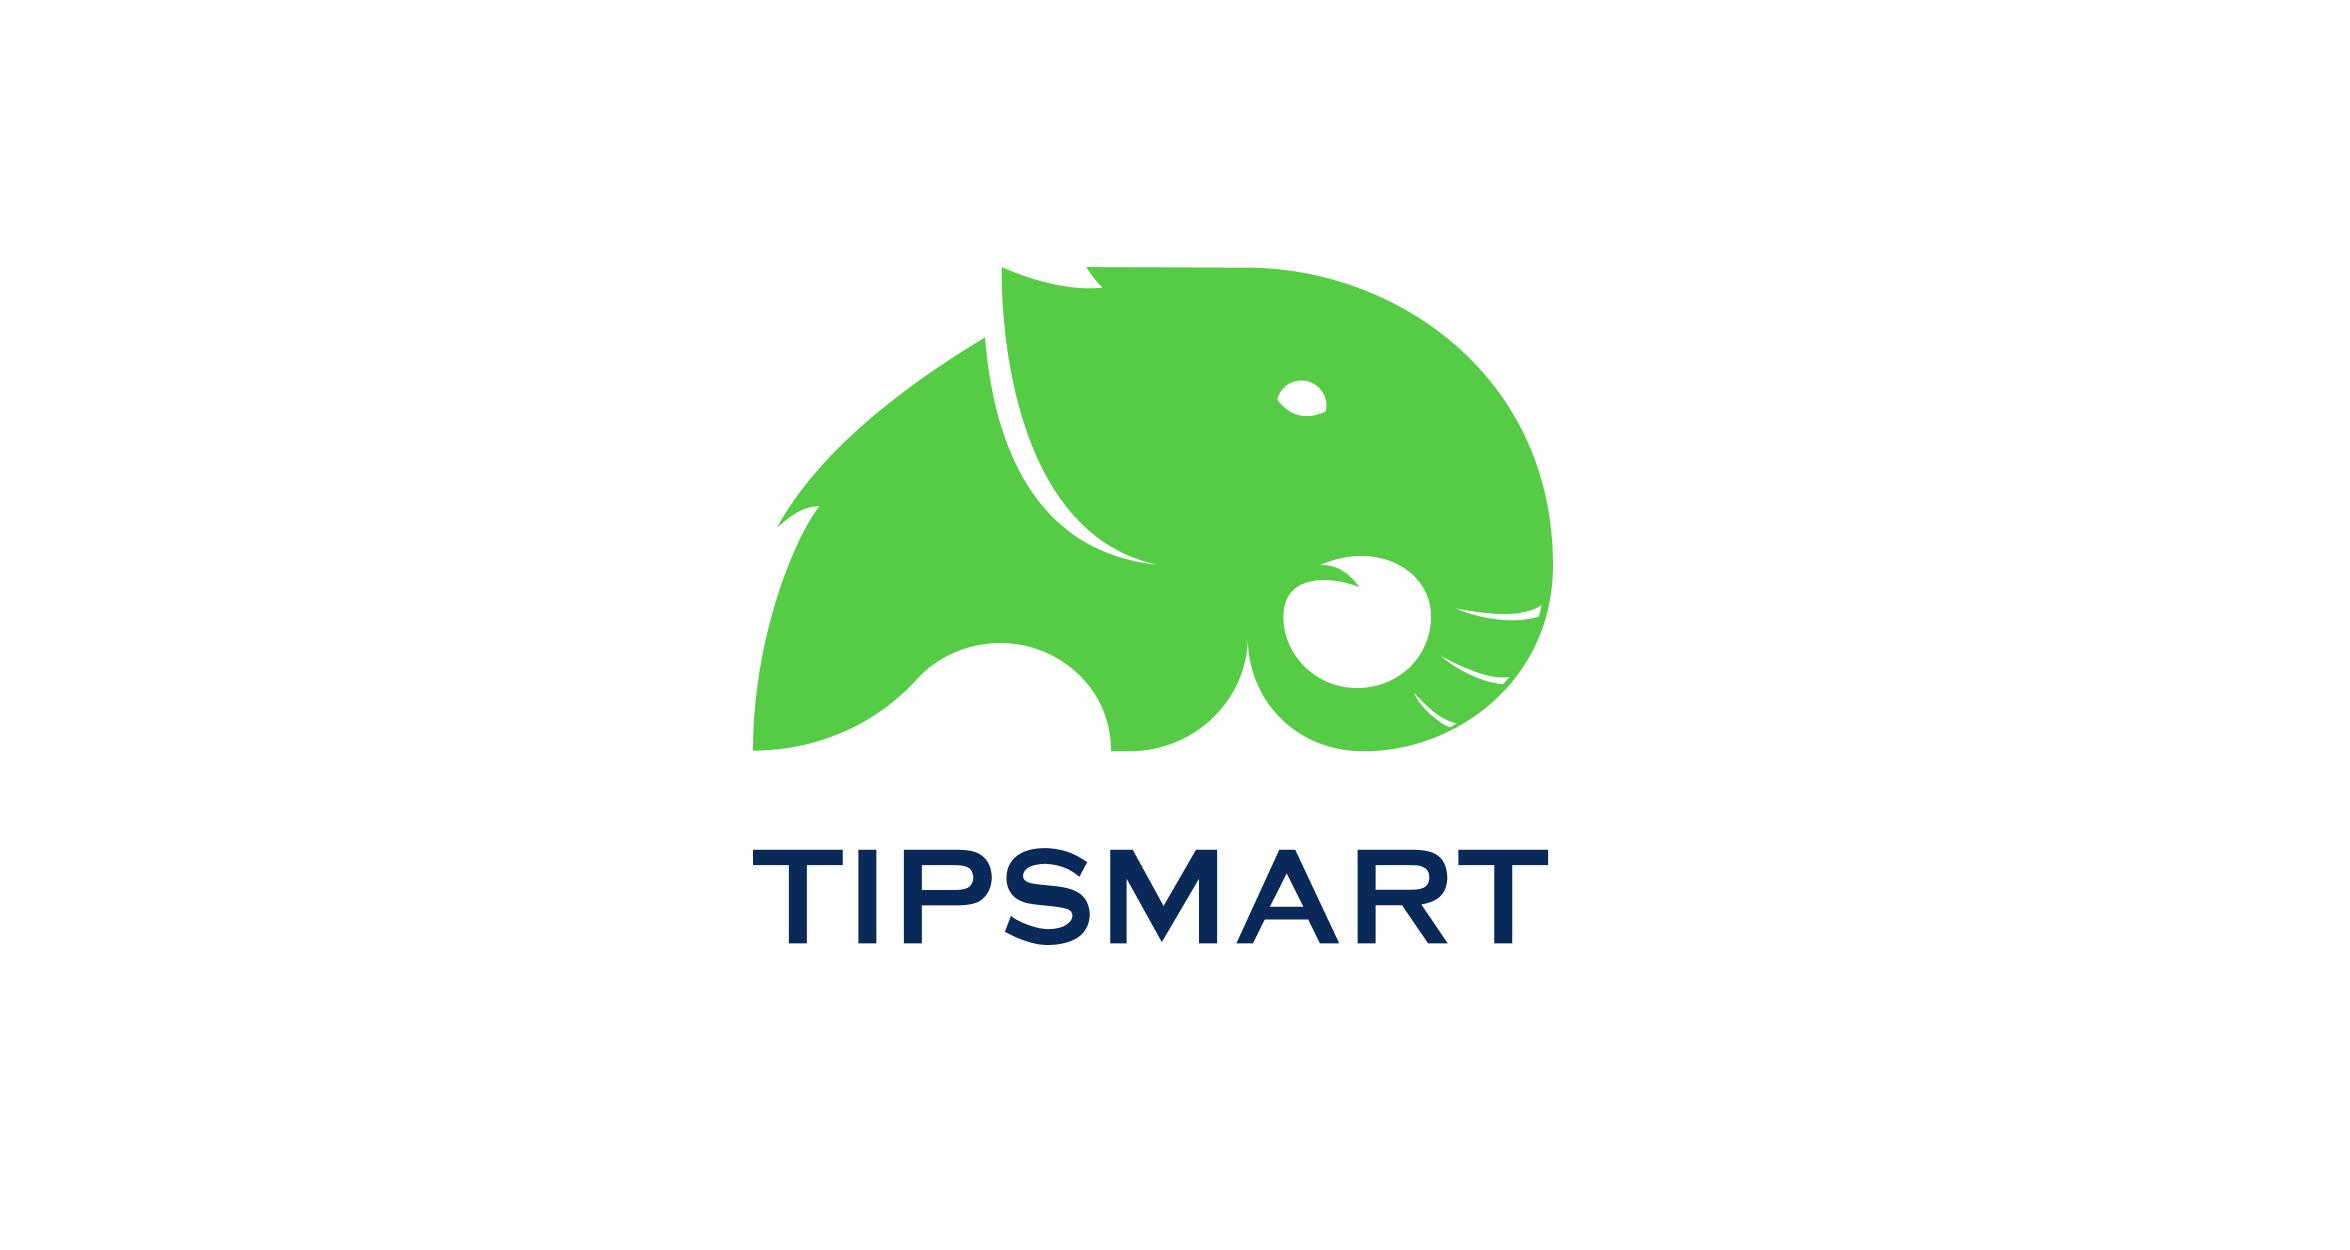 Історія кешбек-сервісу Tipsmart, який вийшов на самоокупність вже через пів  року — UASpectr